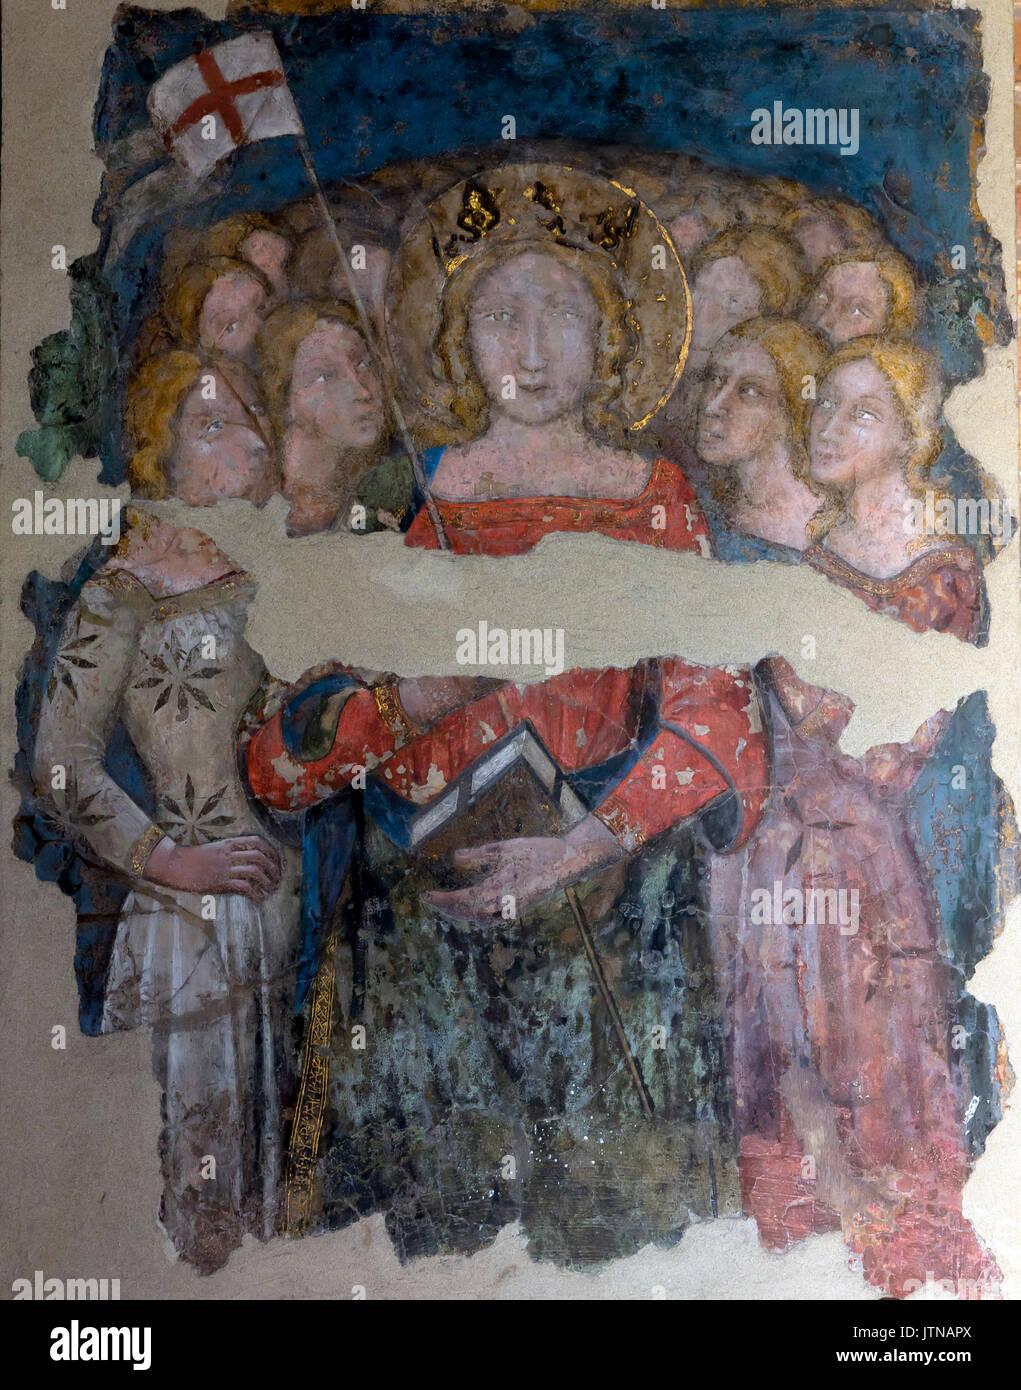 Interno affresco della Basilica di Santo Stefano, Sette Chiese, Sette Chiese, Bologna, regione Emilia Romagna, Italia Immagini Stock